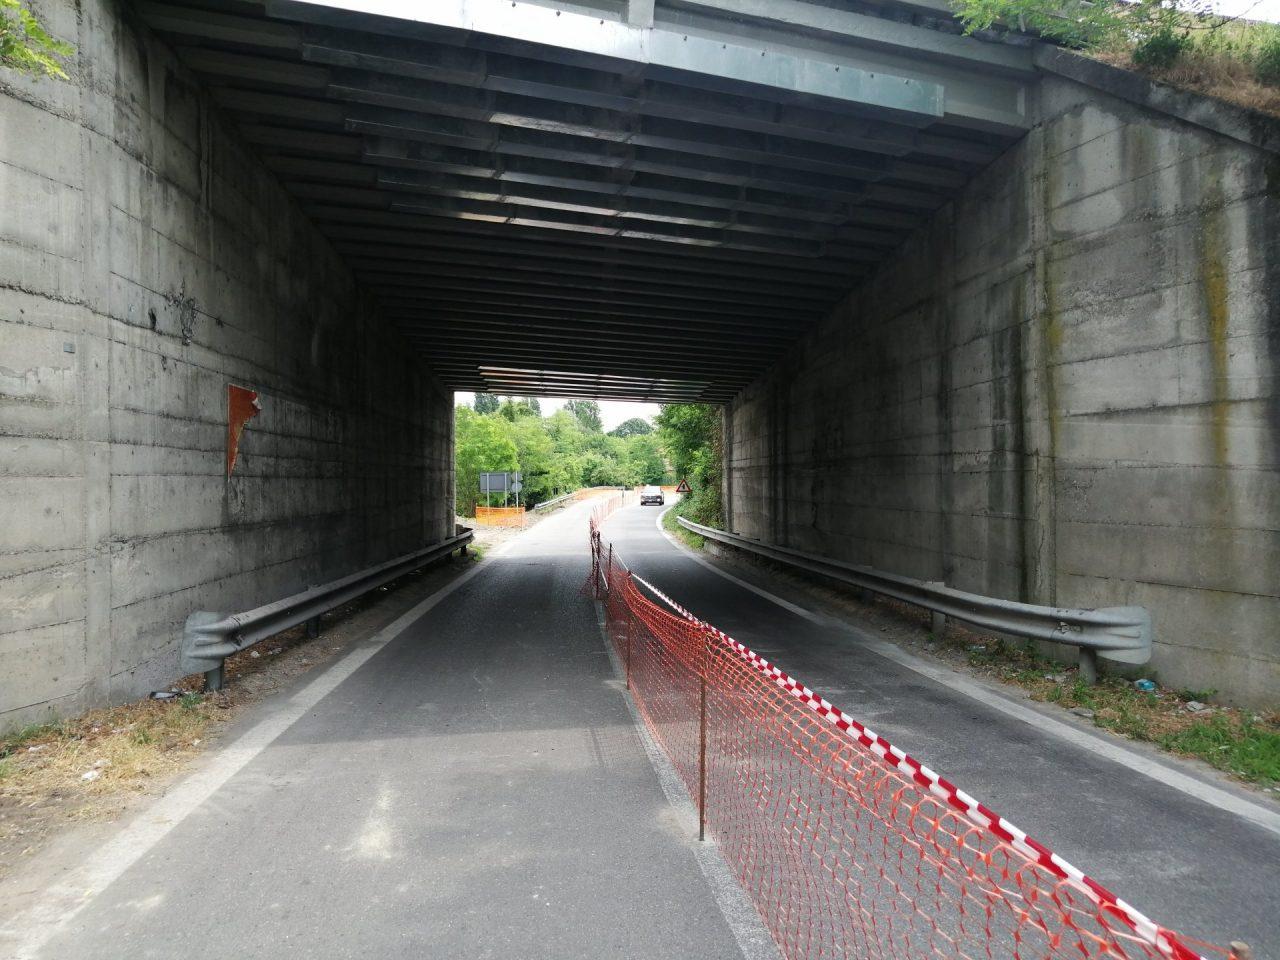 Colleg'Adda: al via i lavori in zona San Fereolo per collegamenti ciclabili e pedonali